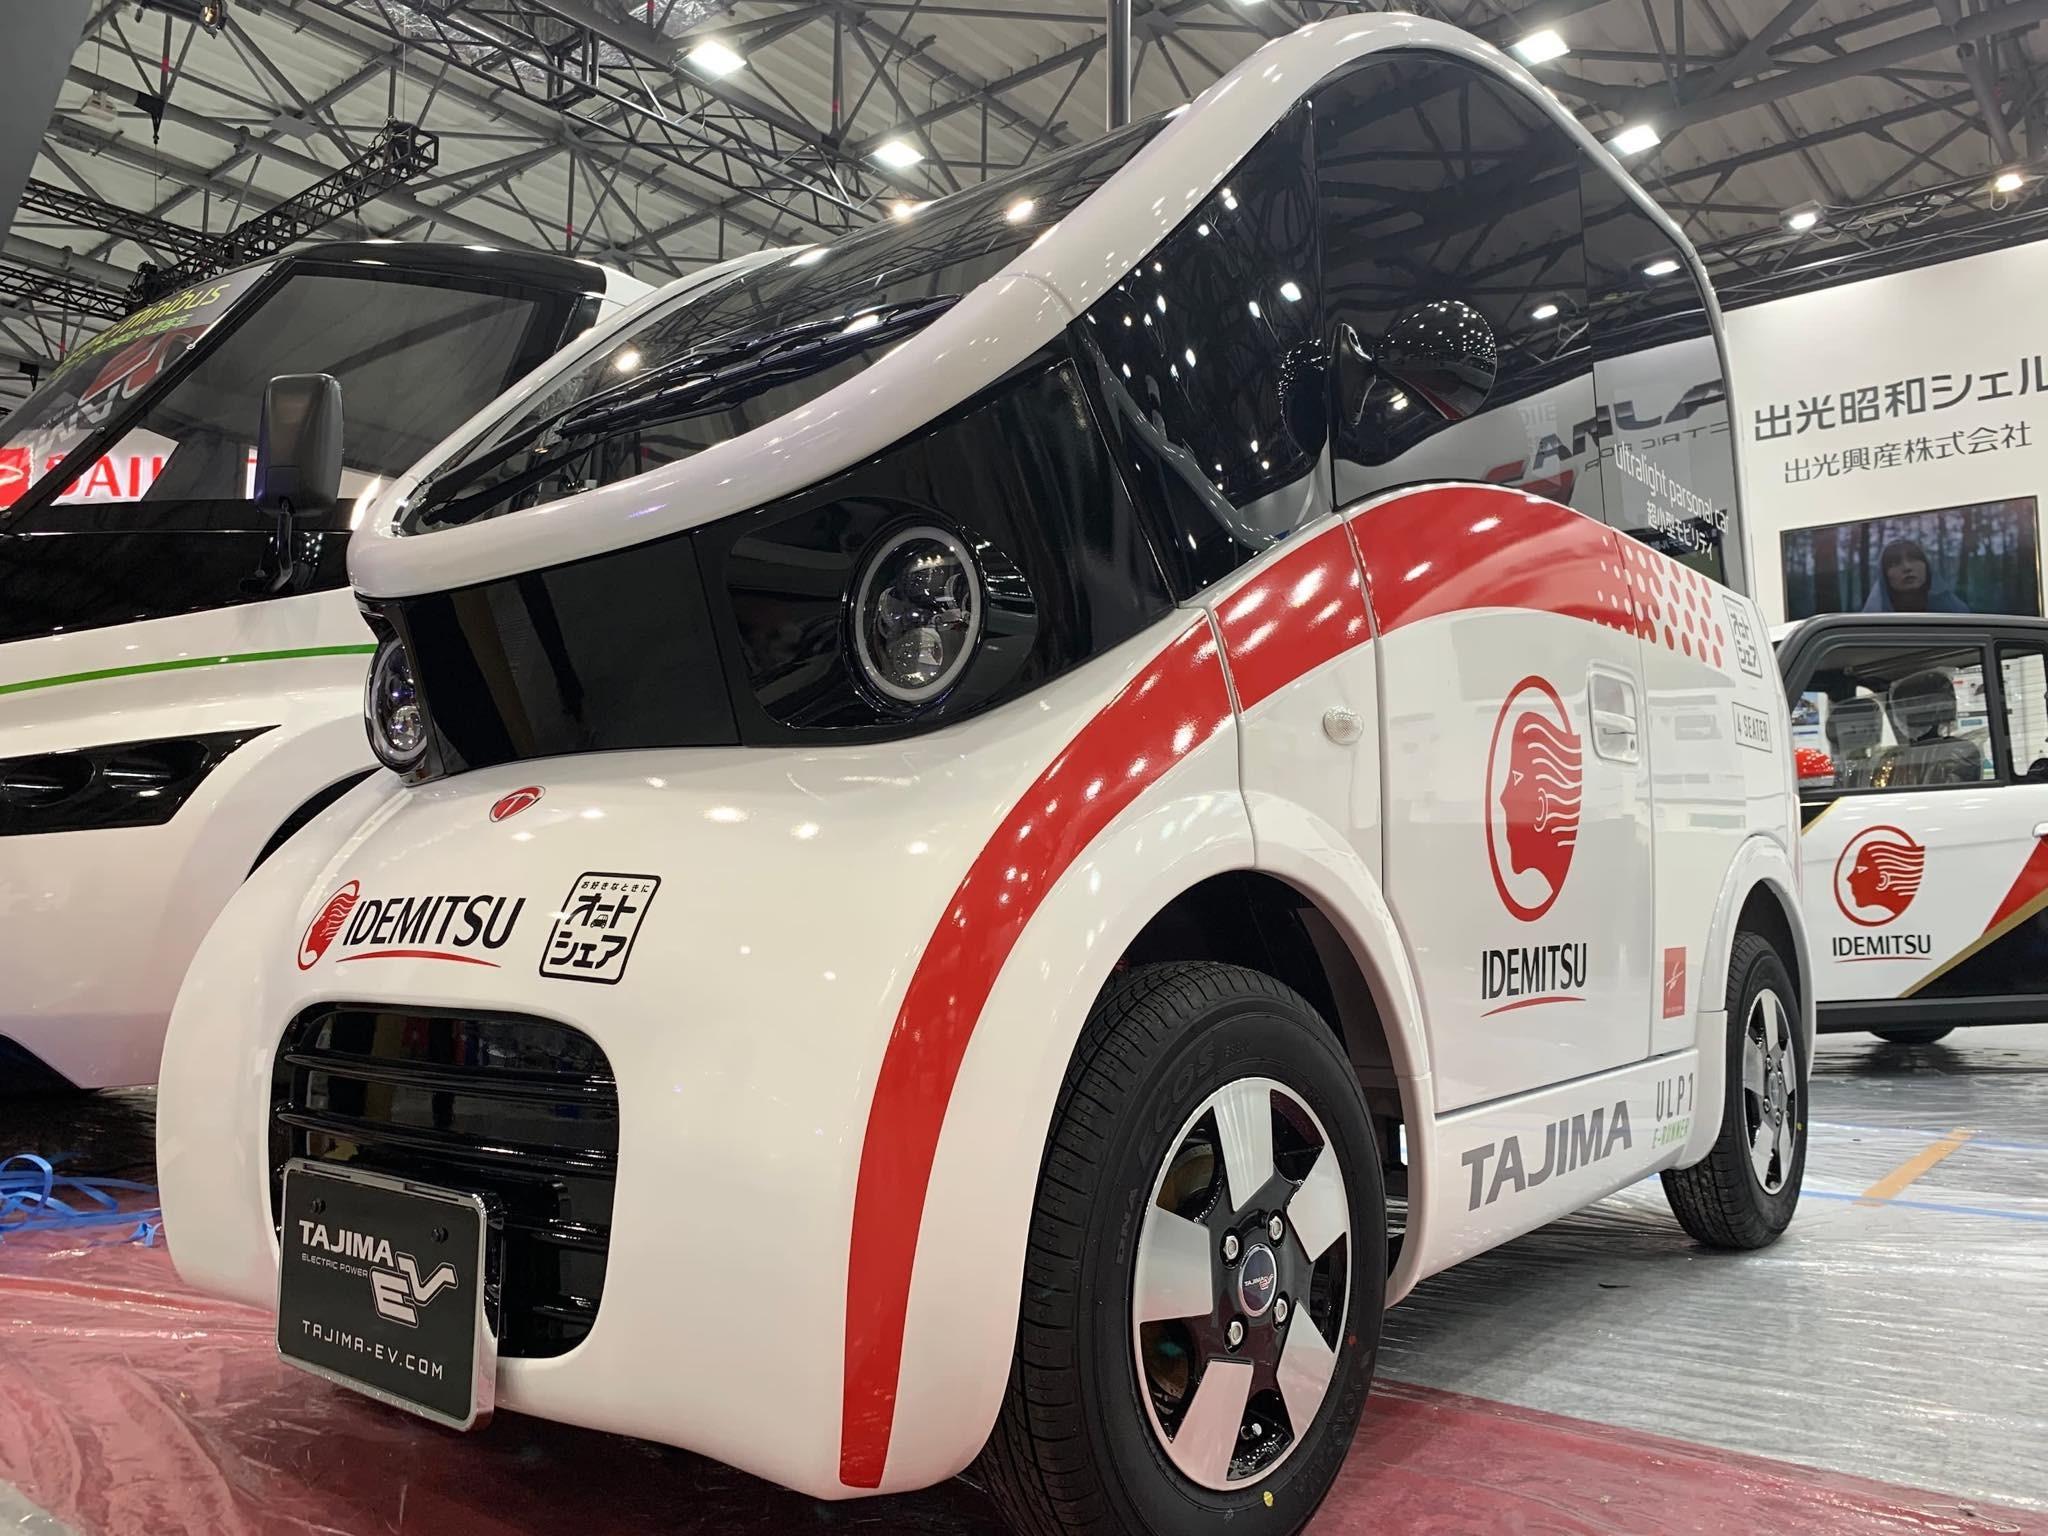 Một mẫu xe điện concept của Idemitsu được giới thiệu tại Tokyo Motor Show năm 2019. Ảnh: Nikkei.